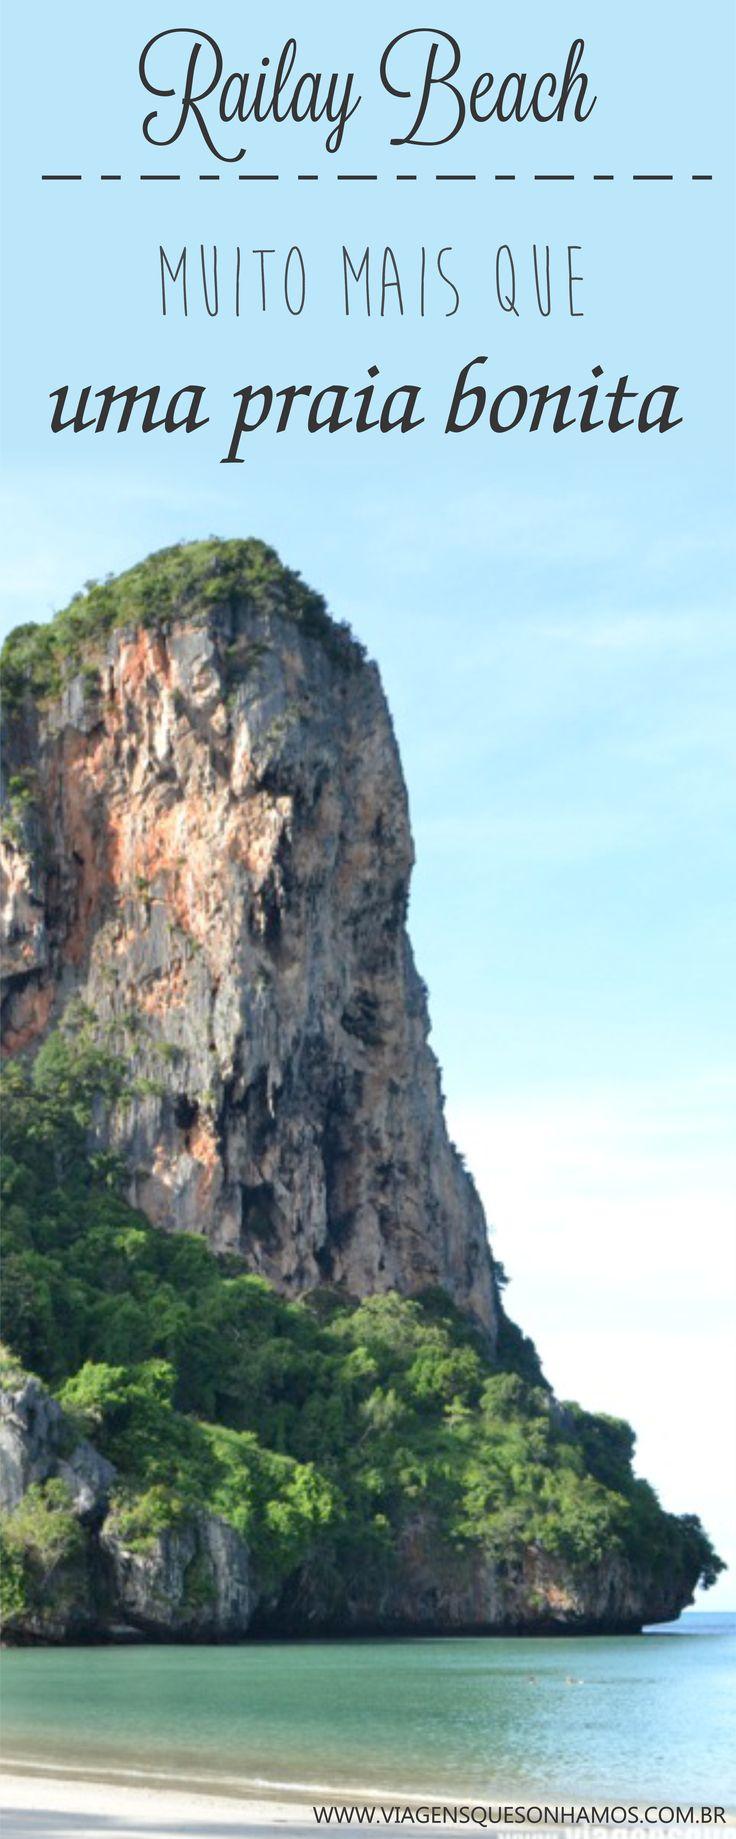 Railay é mais uma das lindas praias da Tailândia, banhadas pelo mar de Andaman, que pode servir de base para outros passeios na região e também como ponto de partida para a famosa Koh Phi Phi